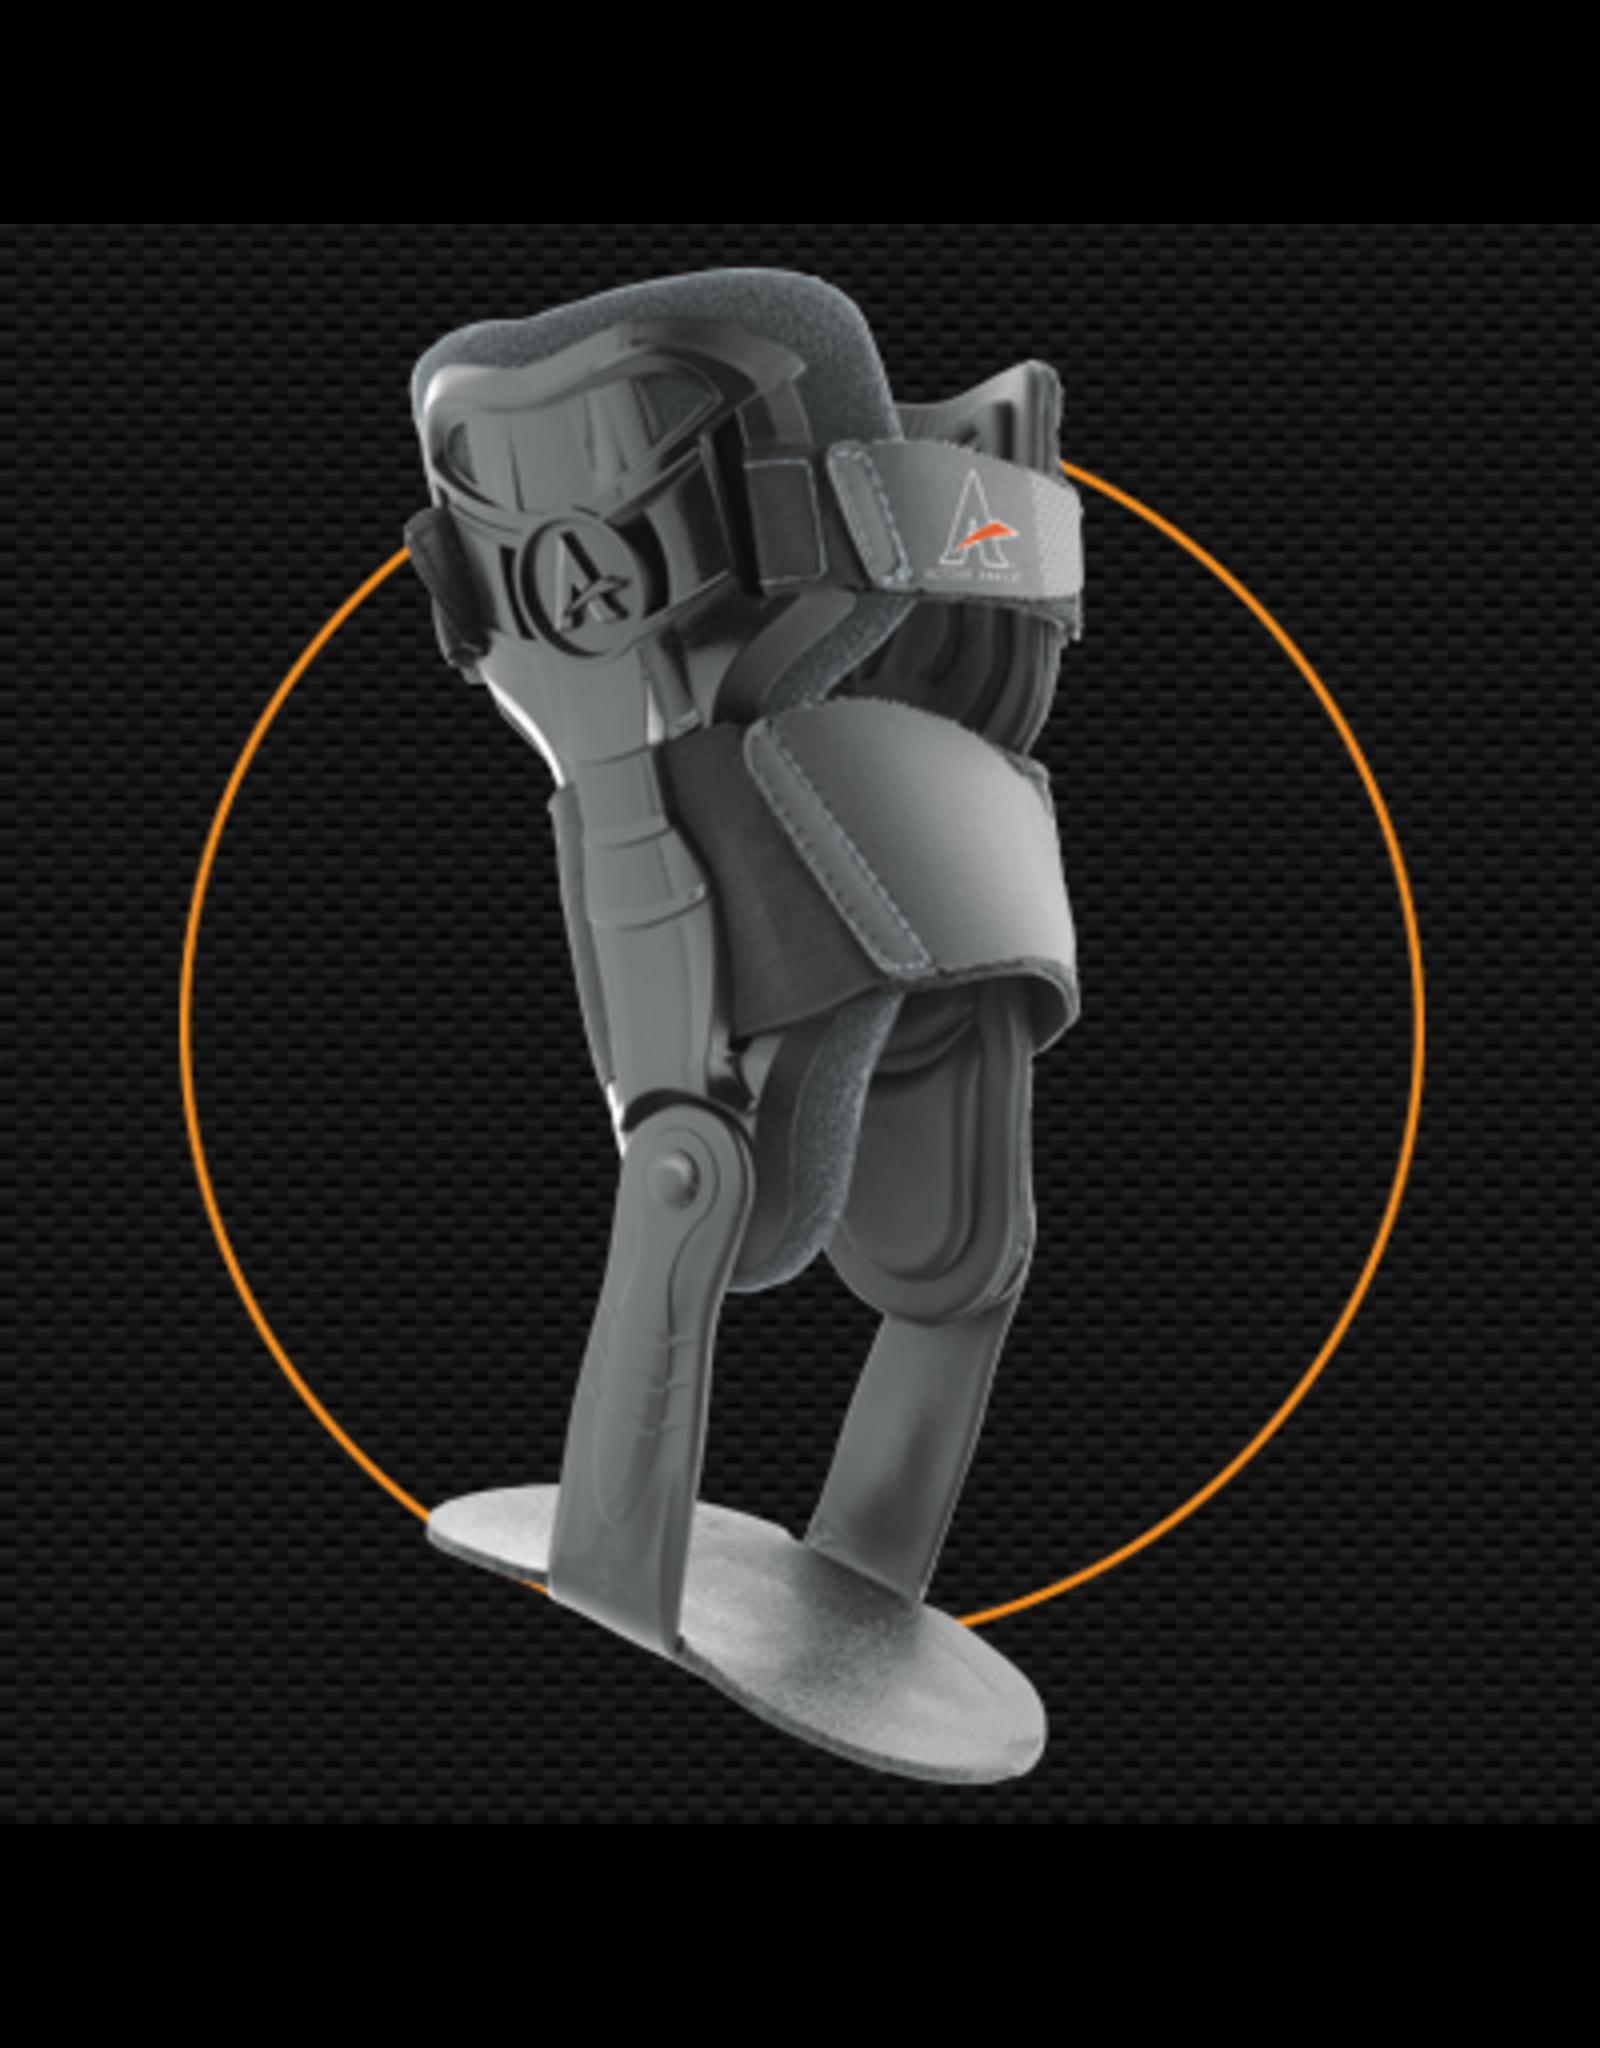 Active Ankle Eclipse ll Rigid Multi-Sport Active Ankle Brace - Black, Large